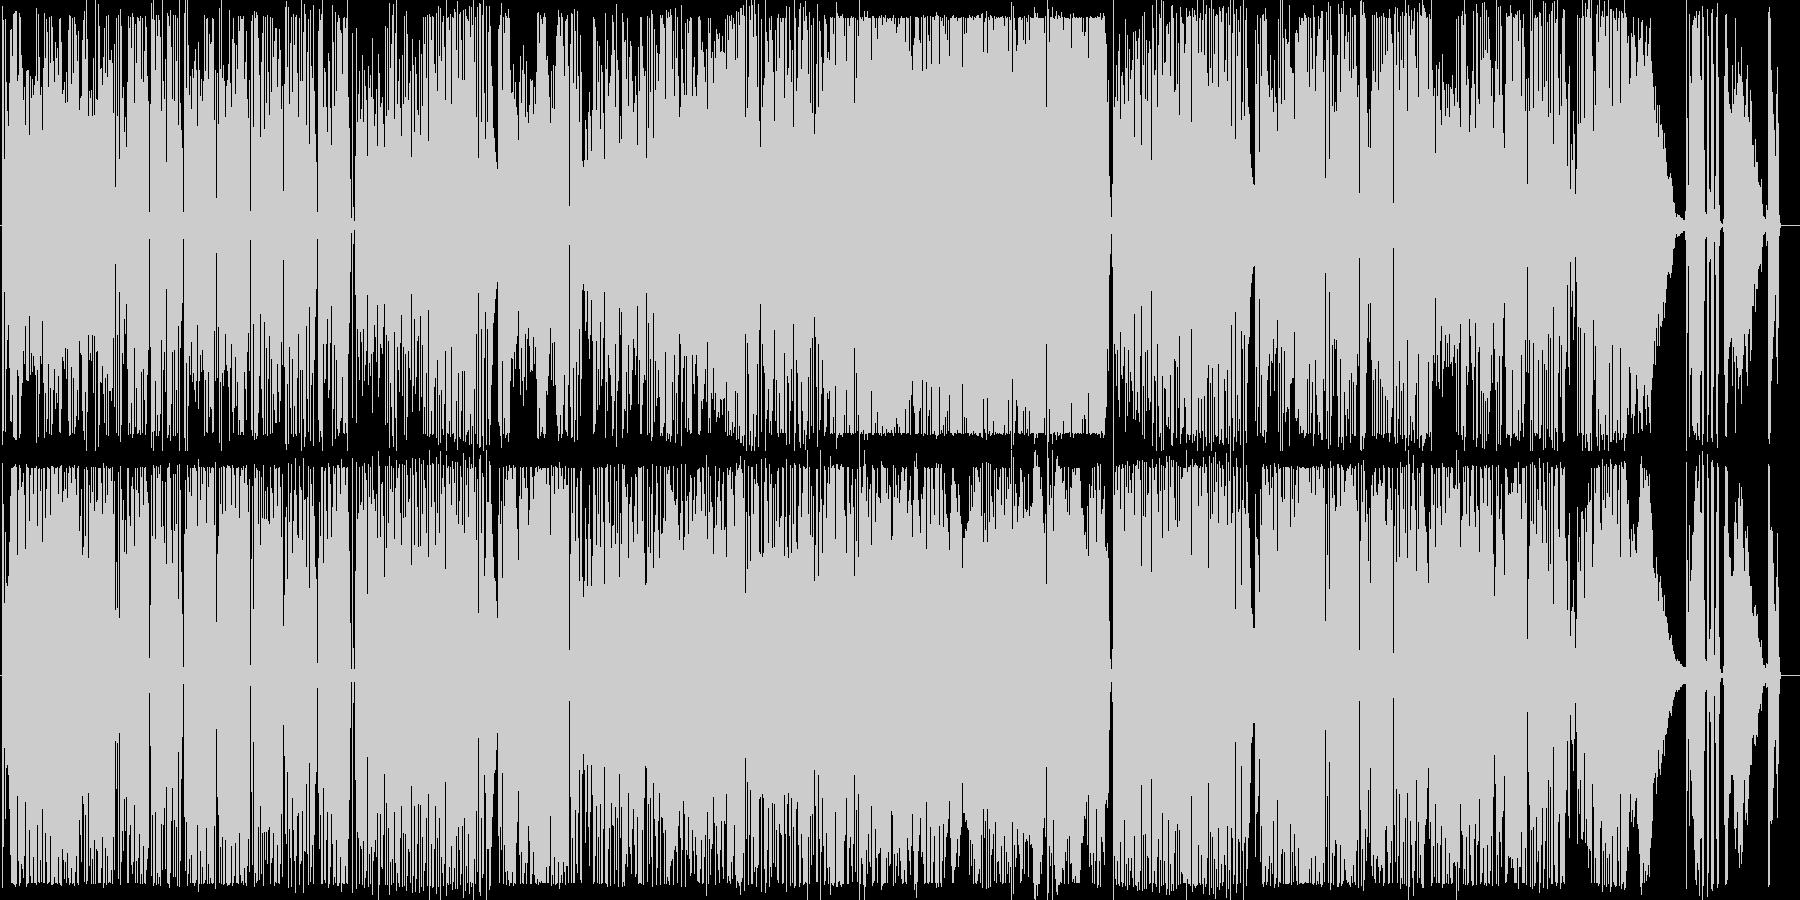 ノリノリのギターインストの未再生の波形